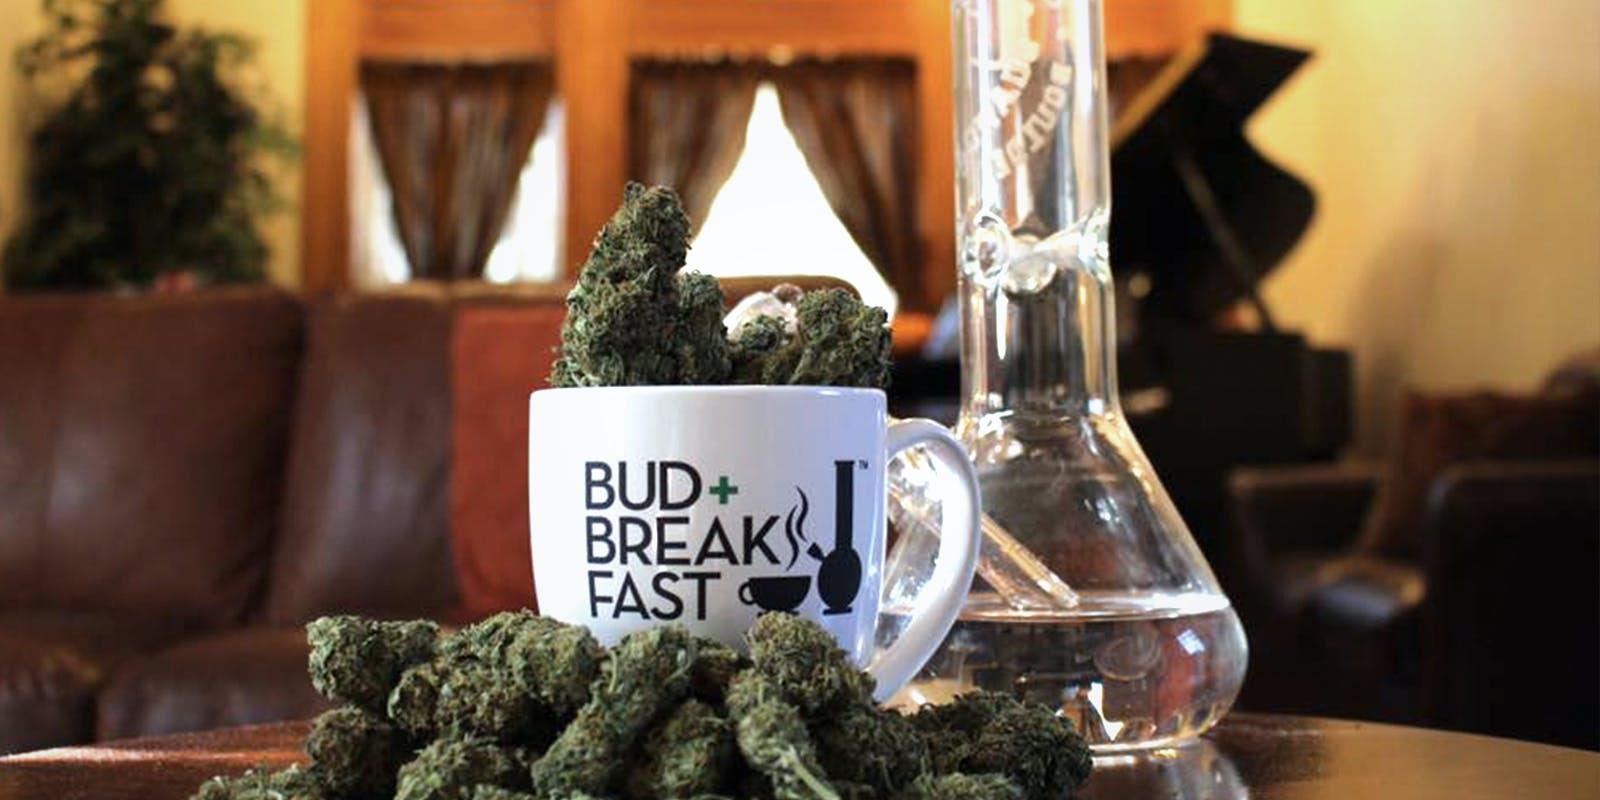 Bud and Breakfast Millionaire